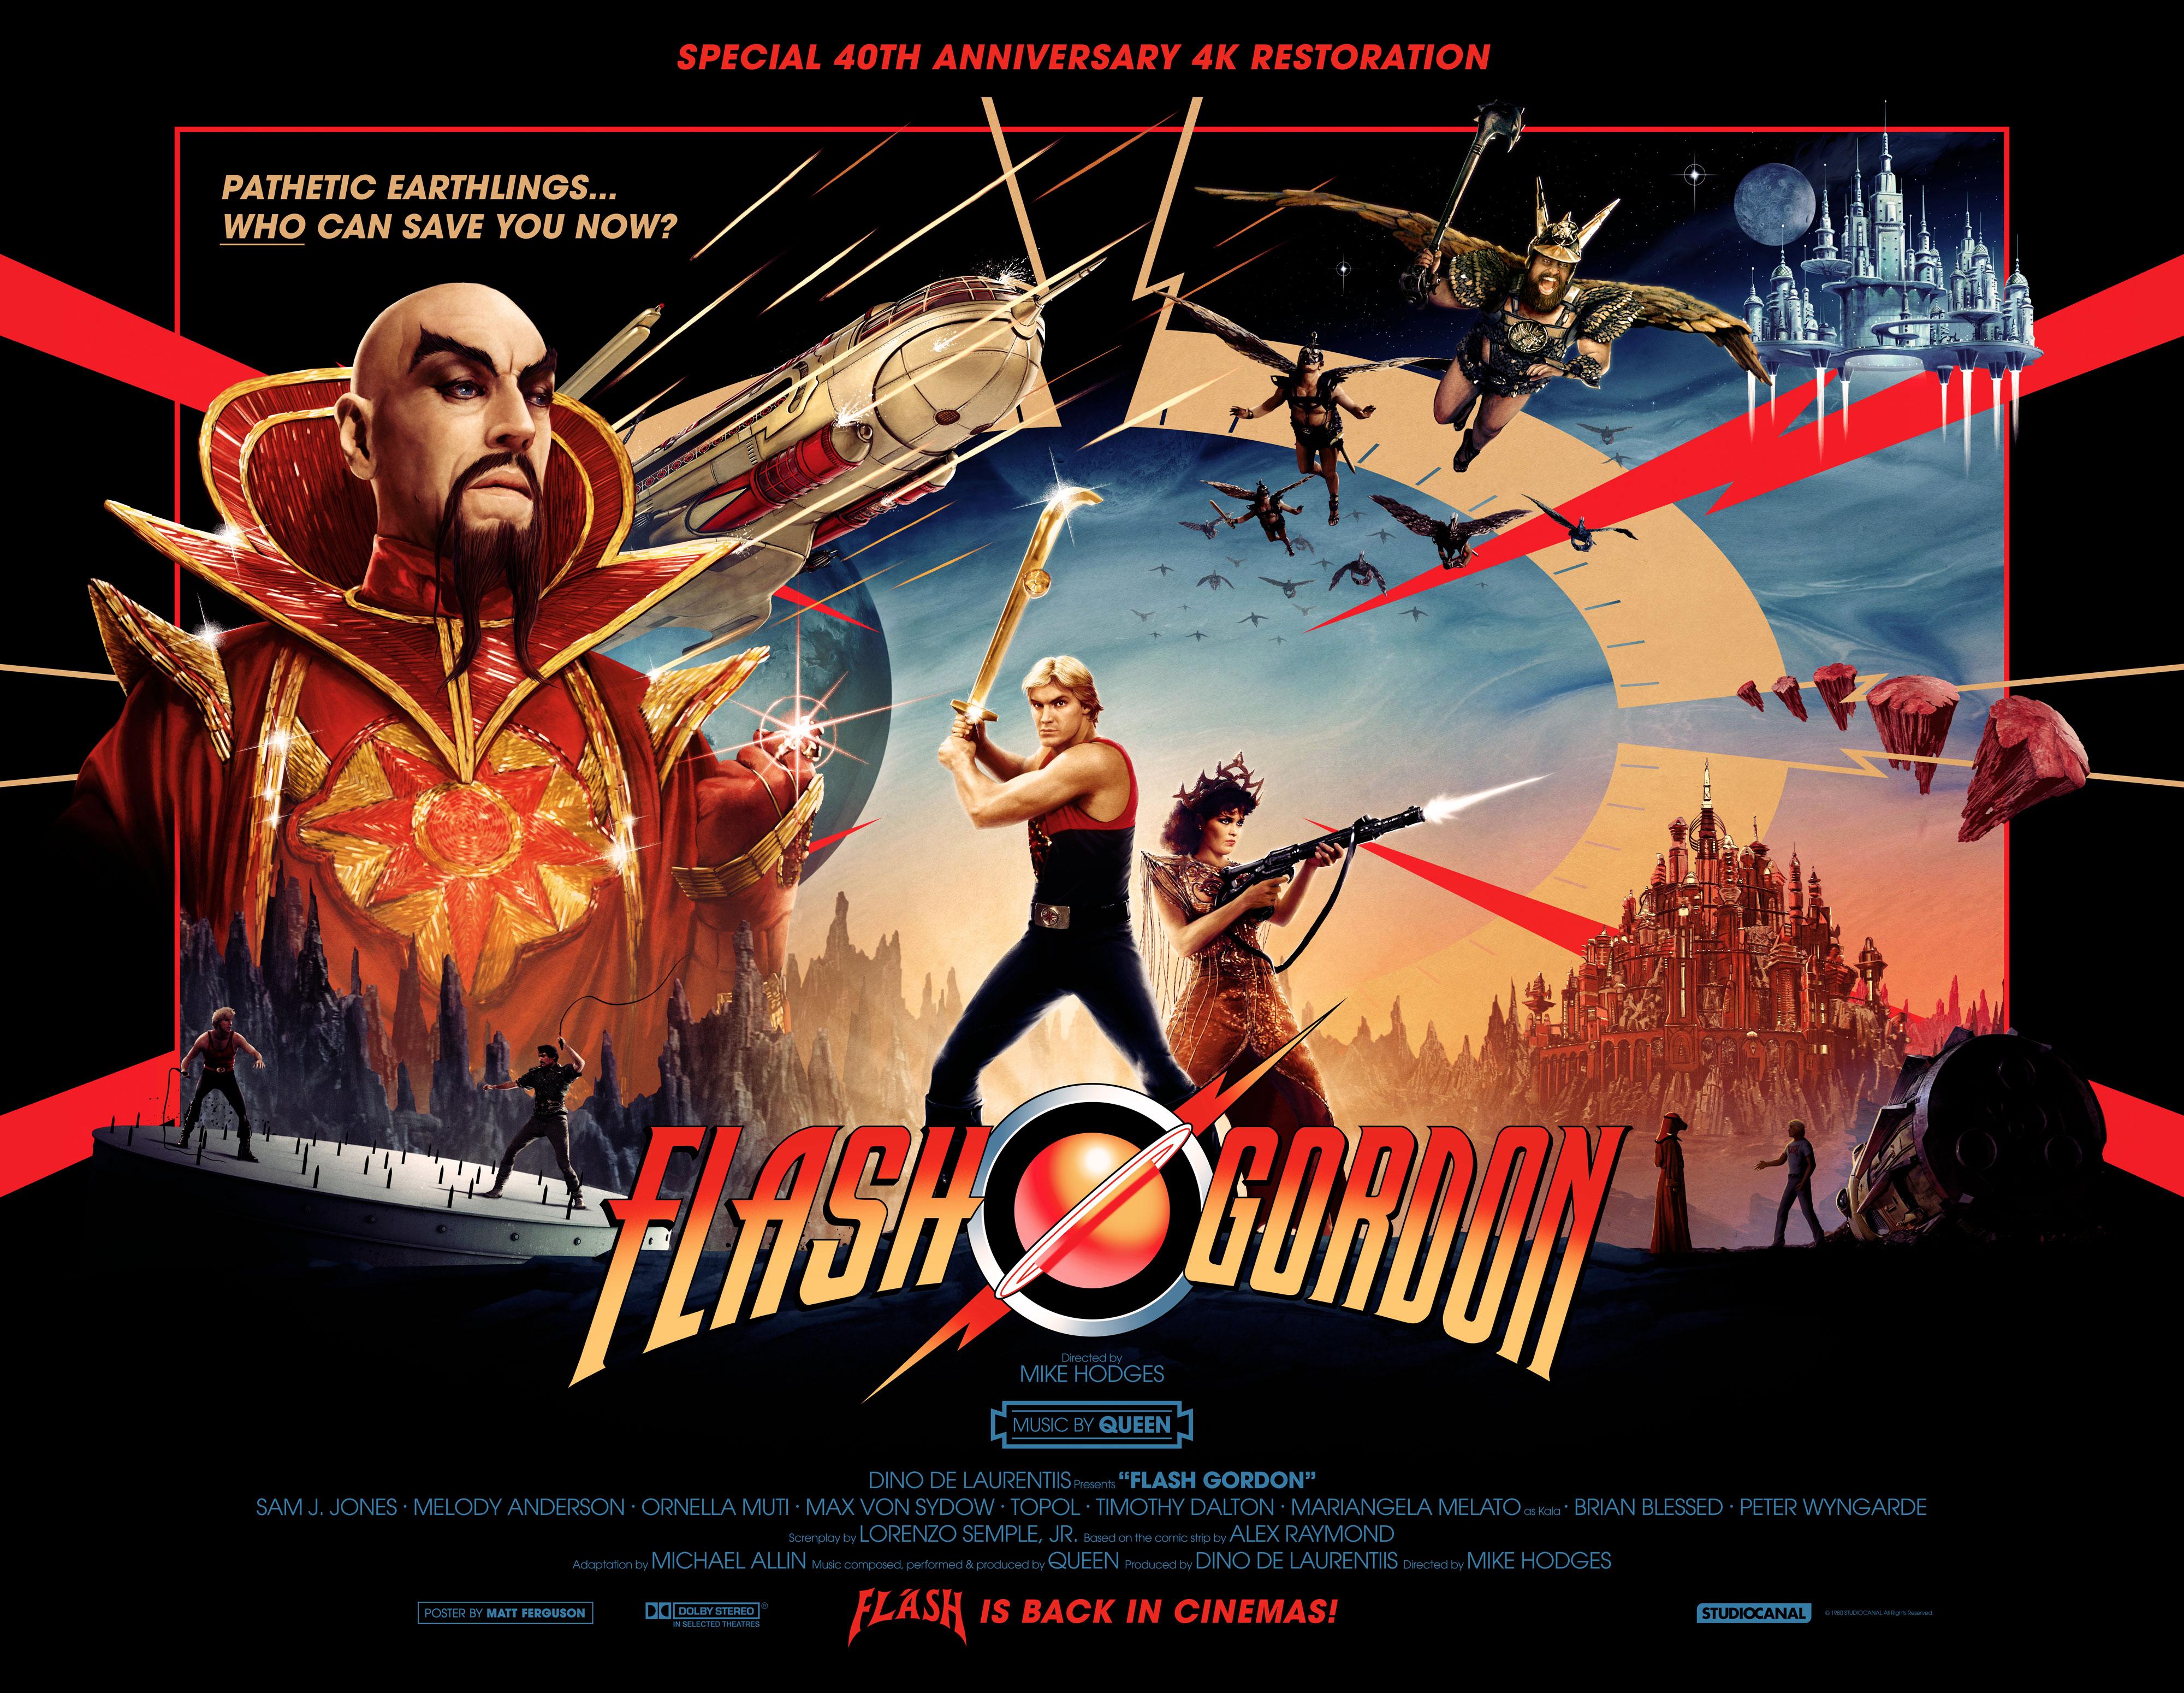 New artwork for the 4K remaster of Flash Gordon. (Studiocanal)